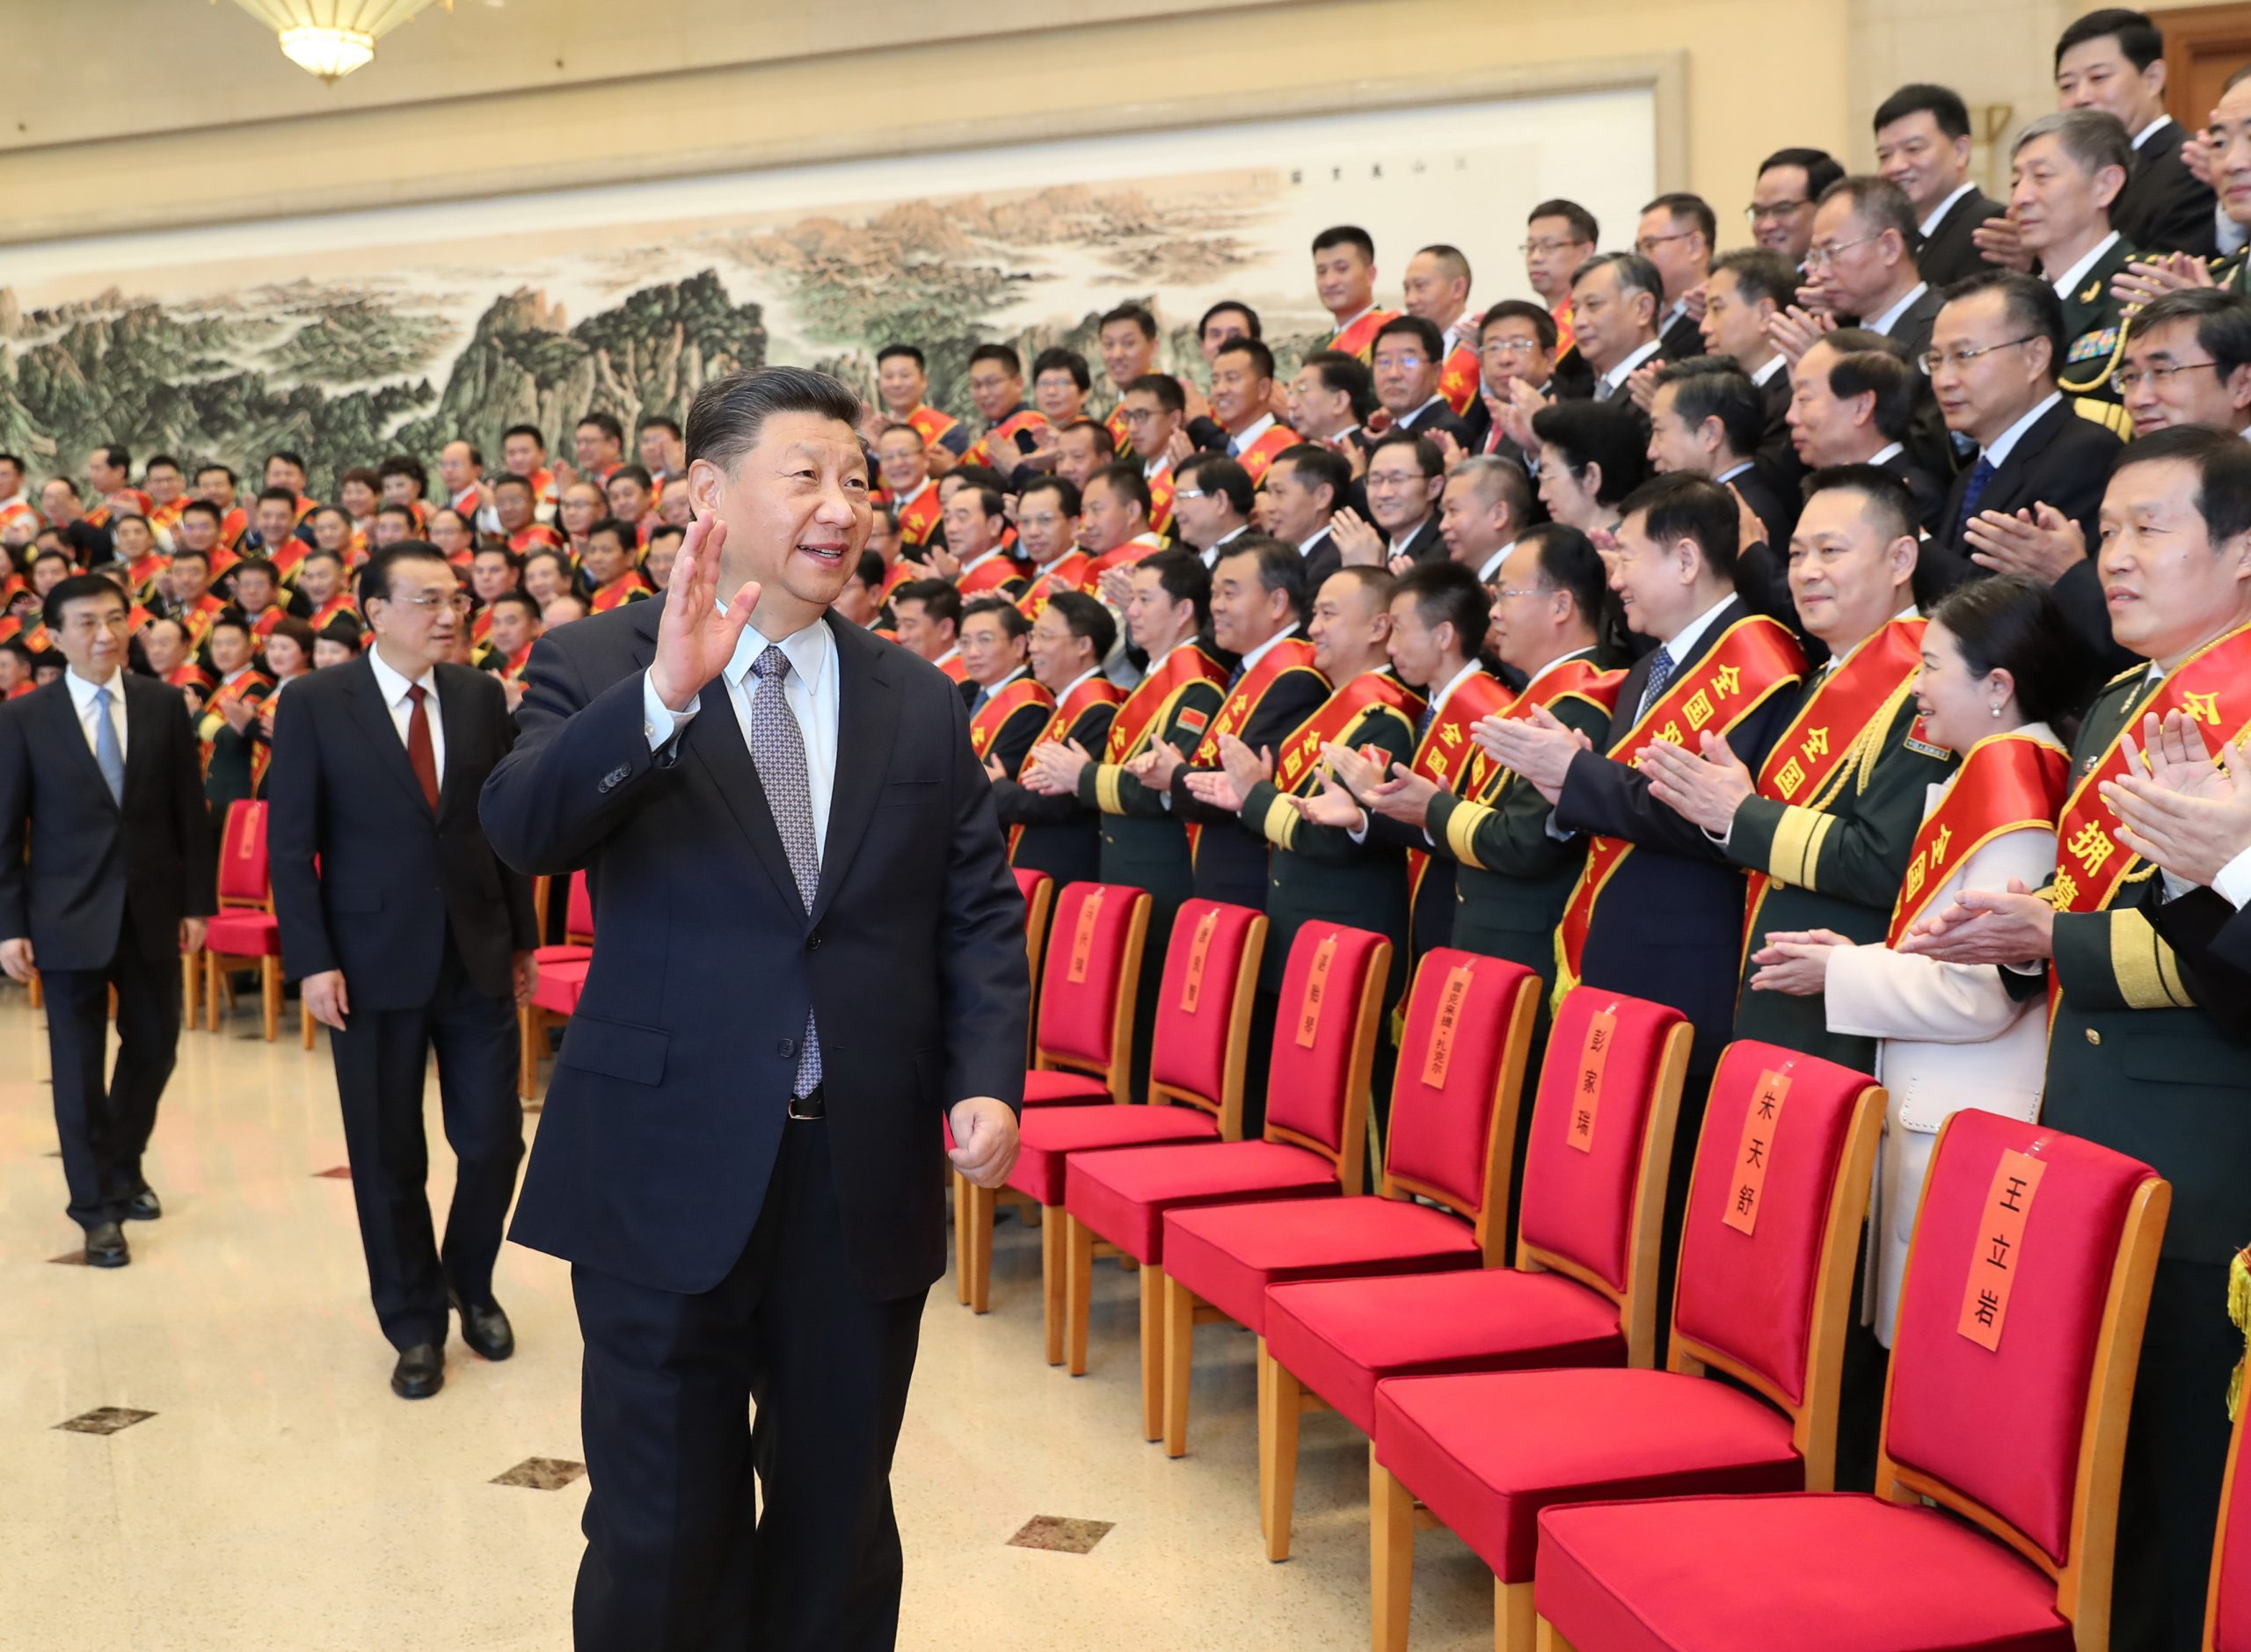 Celebran seminario sobre estudio del pensamiento de Xi Jinping en Shanghai